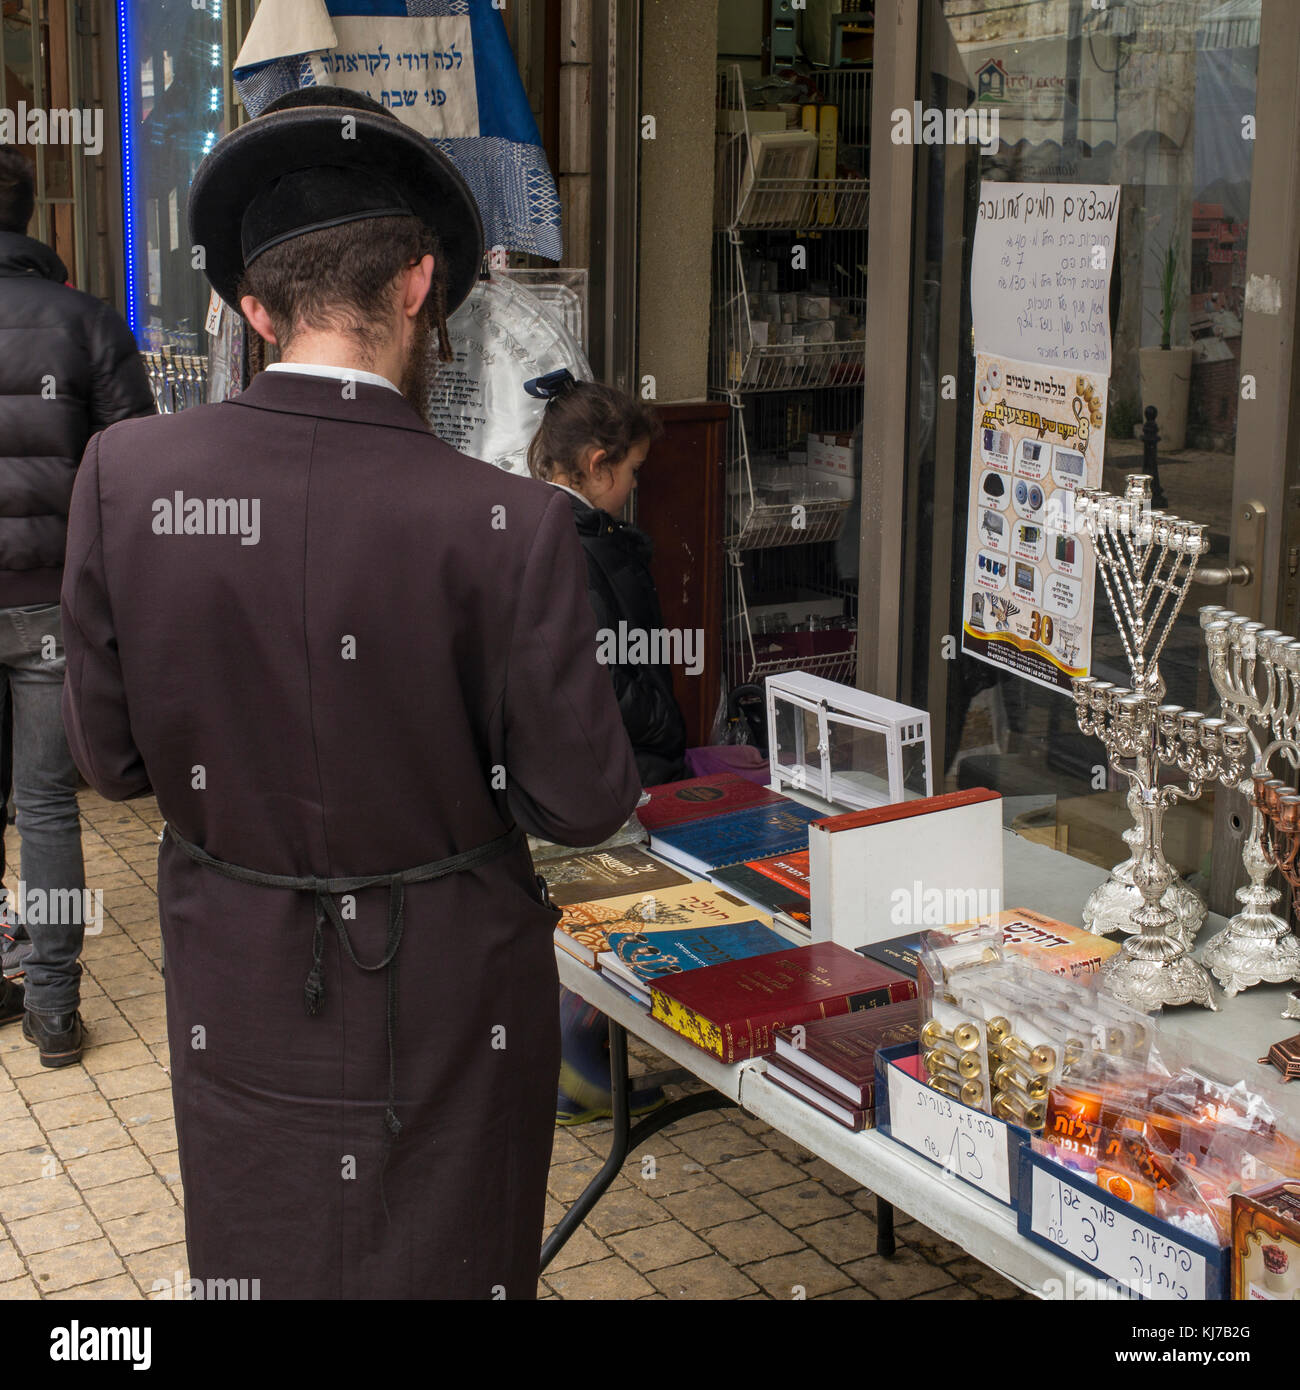 круглолистная французские фото еврейских магазинчиков заранее приготовленного соленого